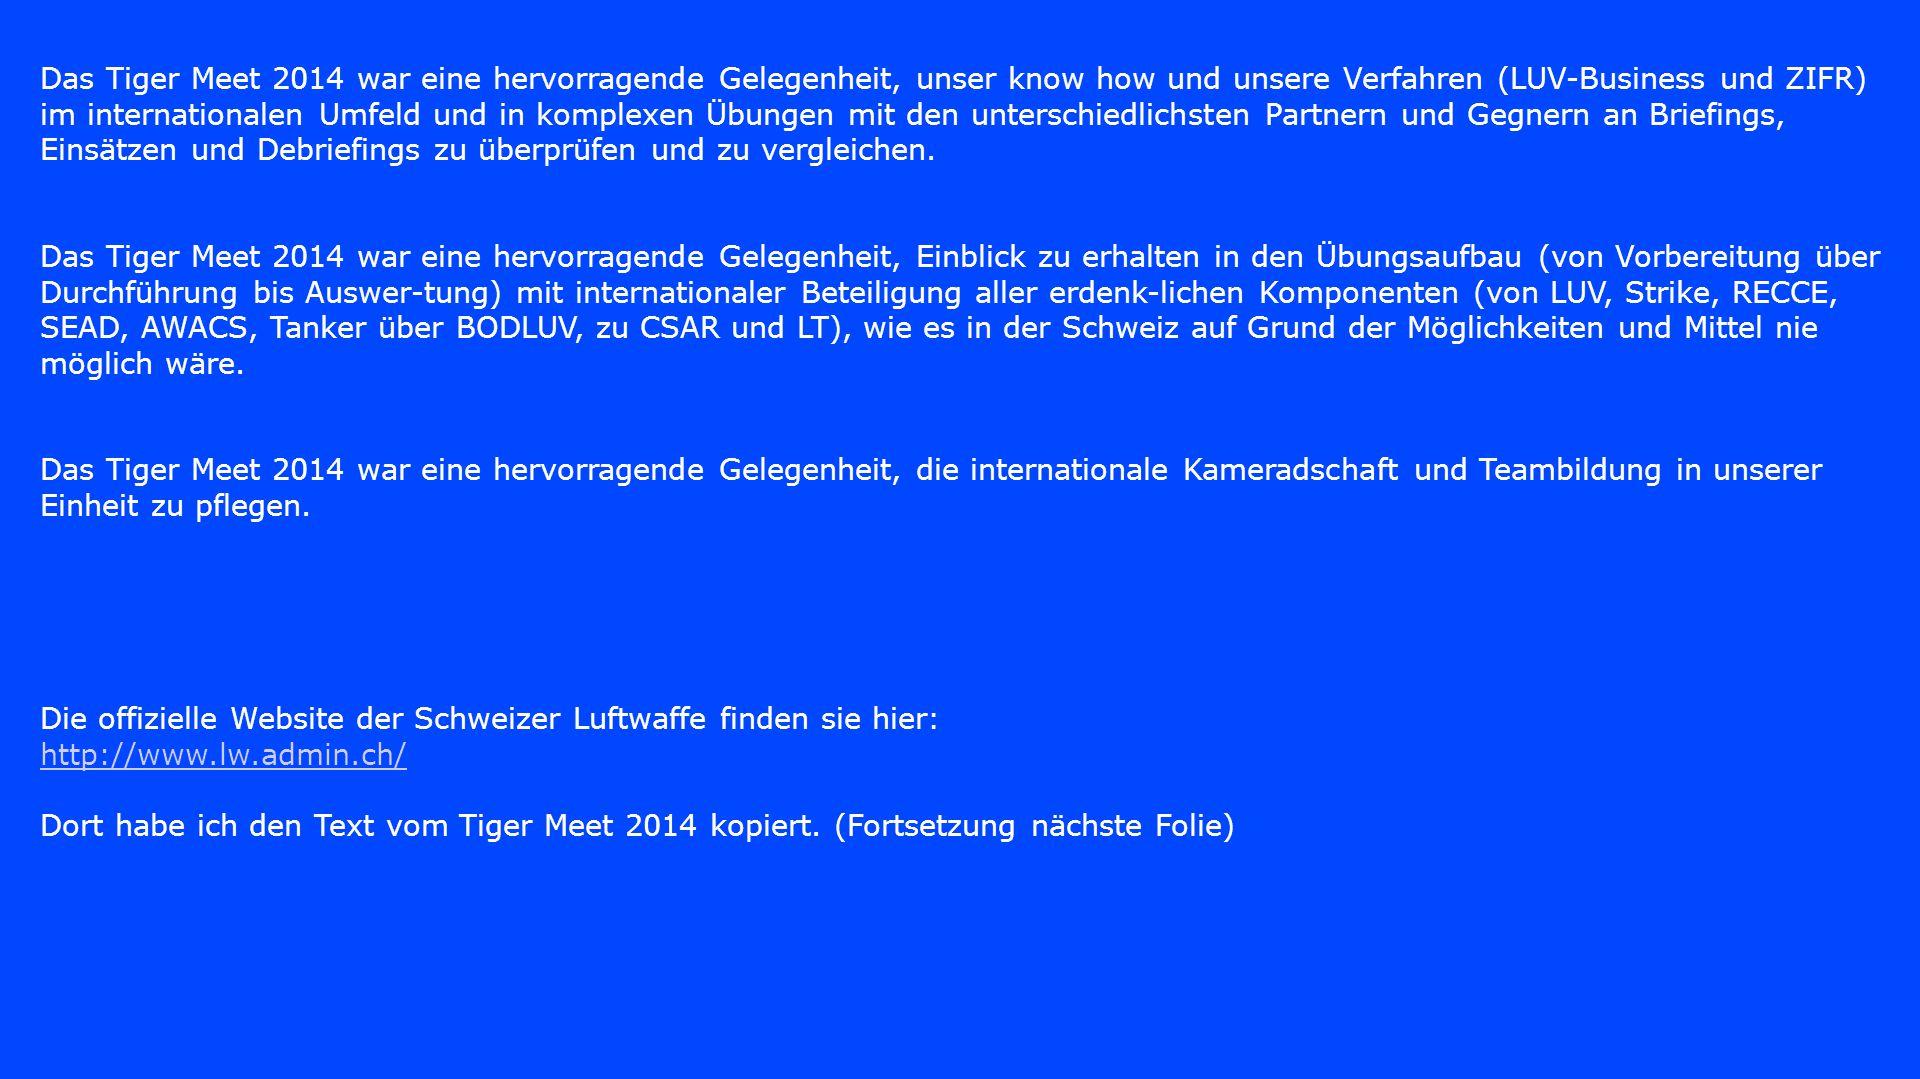 Das Tiger Meet 2014 war eine hervorragende Gelegenheit, unser know how und unsere Verfahren (LUV-Business und ZIFR) im internationalen Umfeld und in k